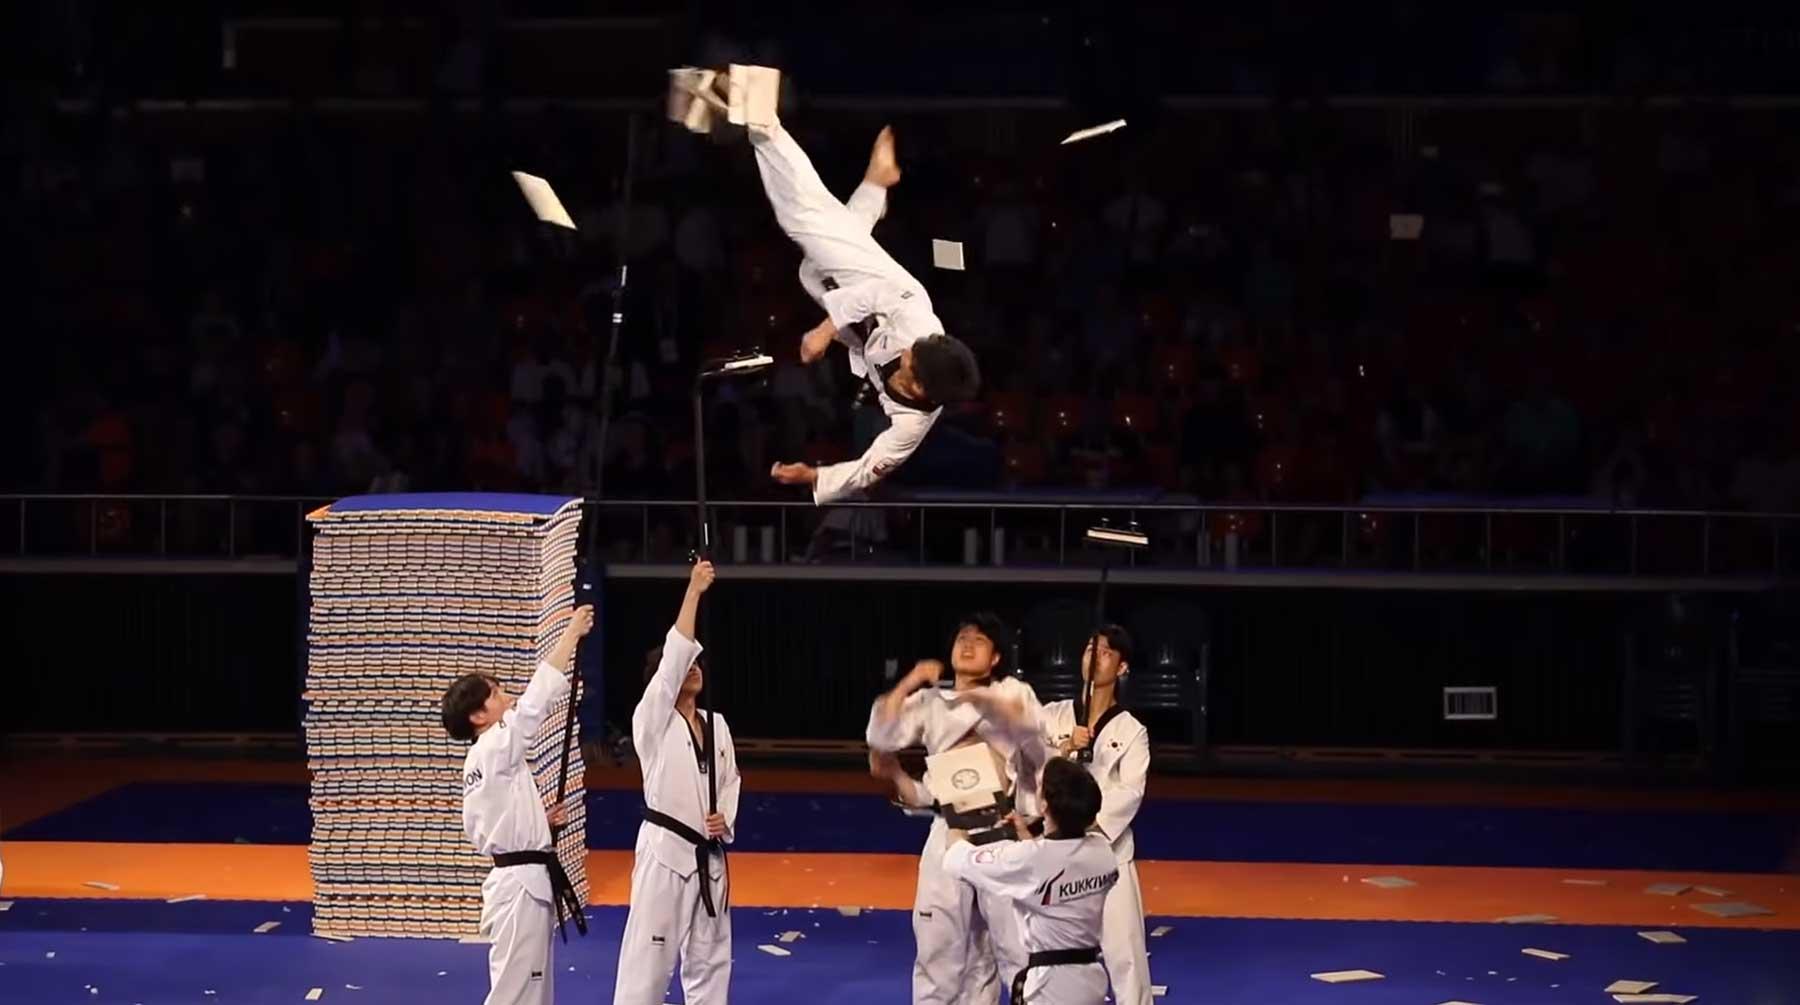 Beeindruckend akrobatische Taekwondo-Show